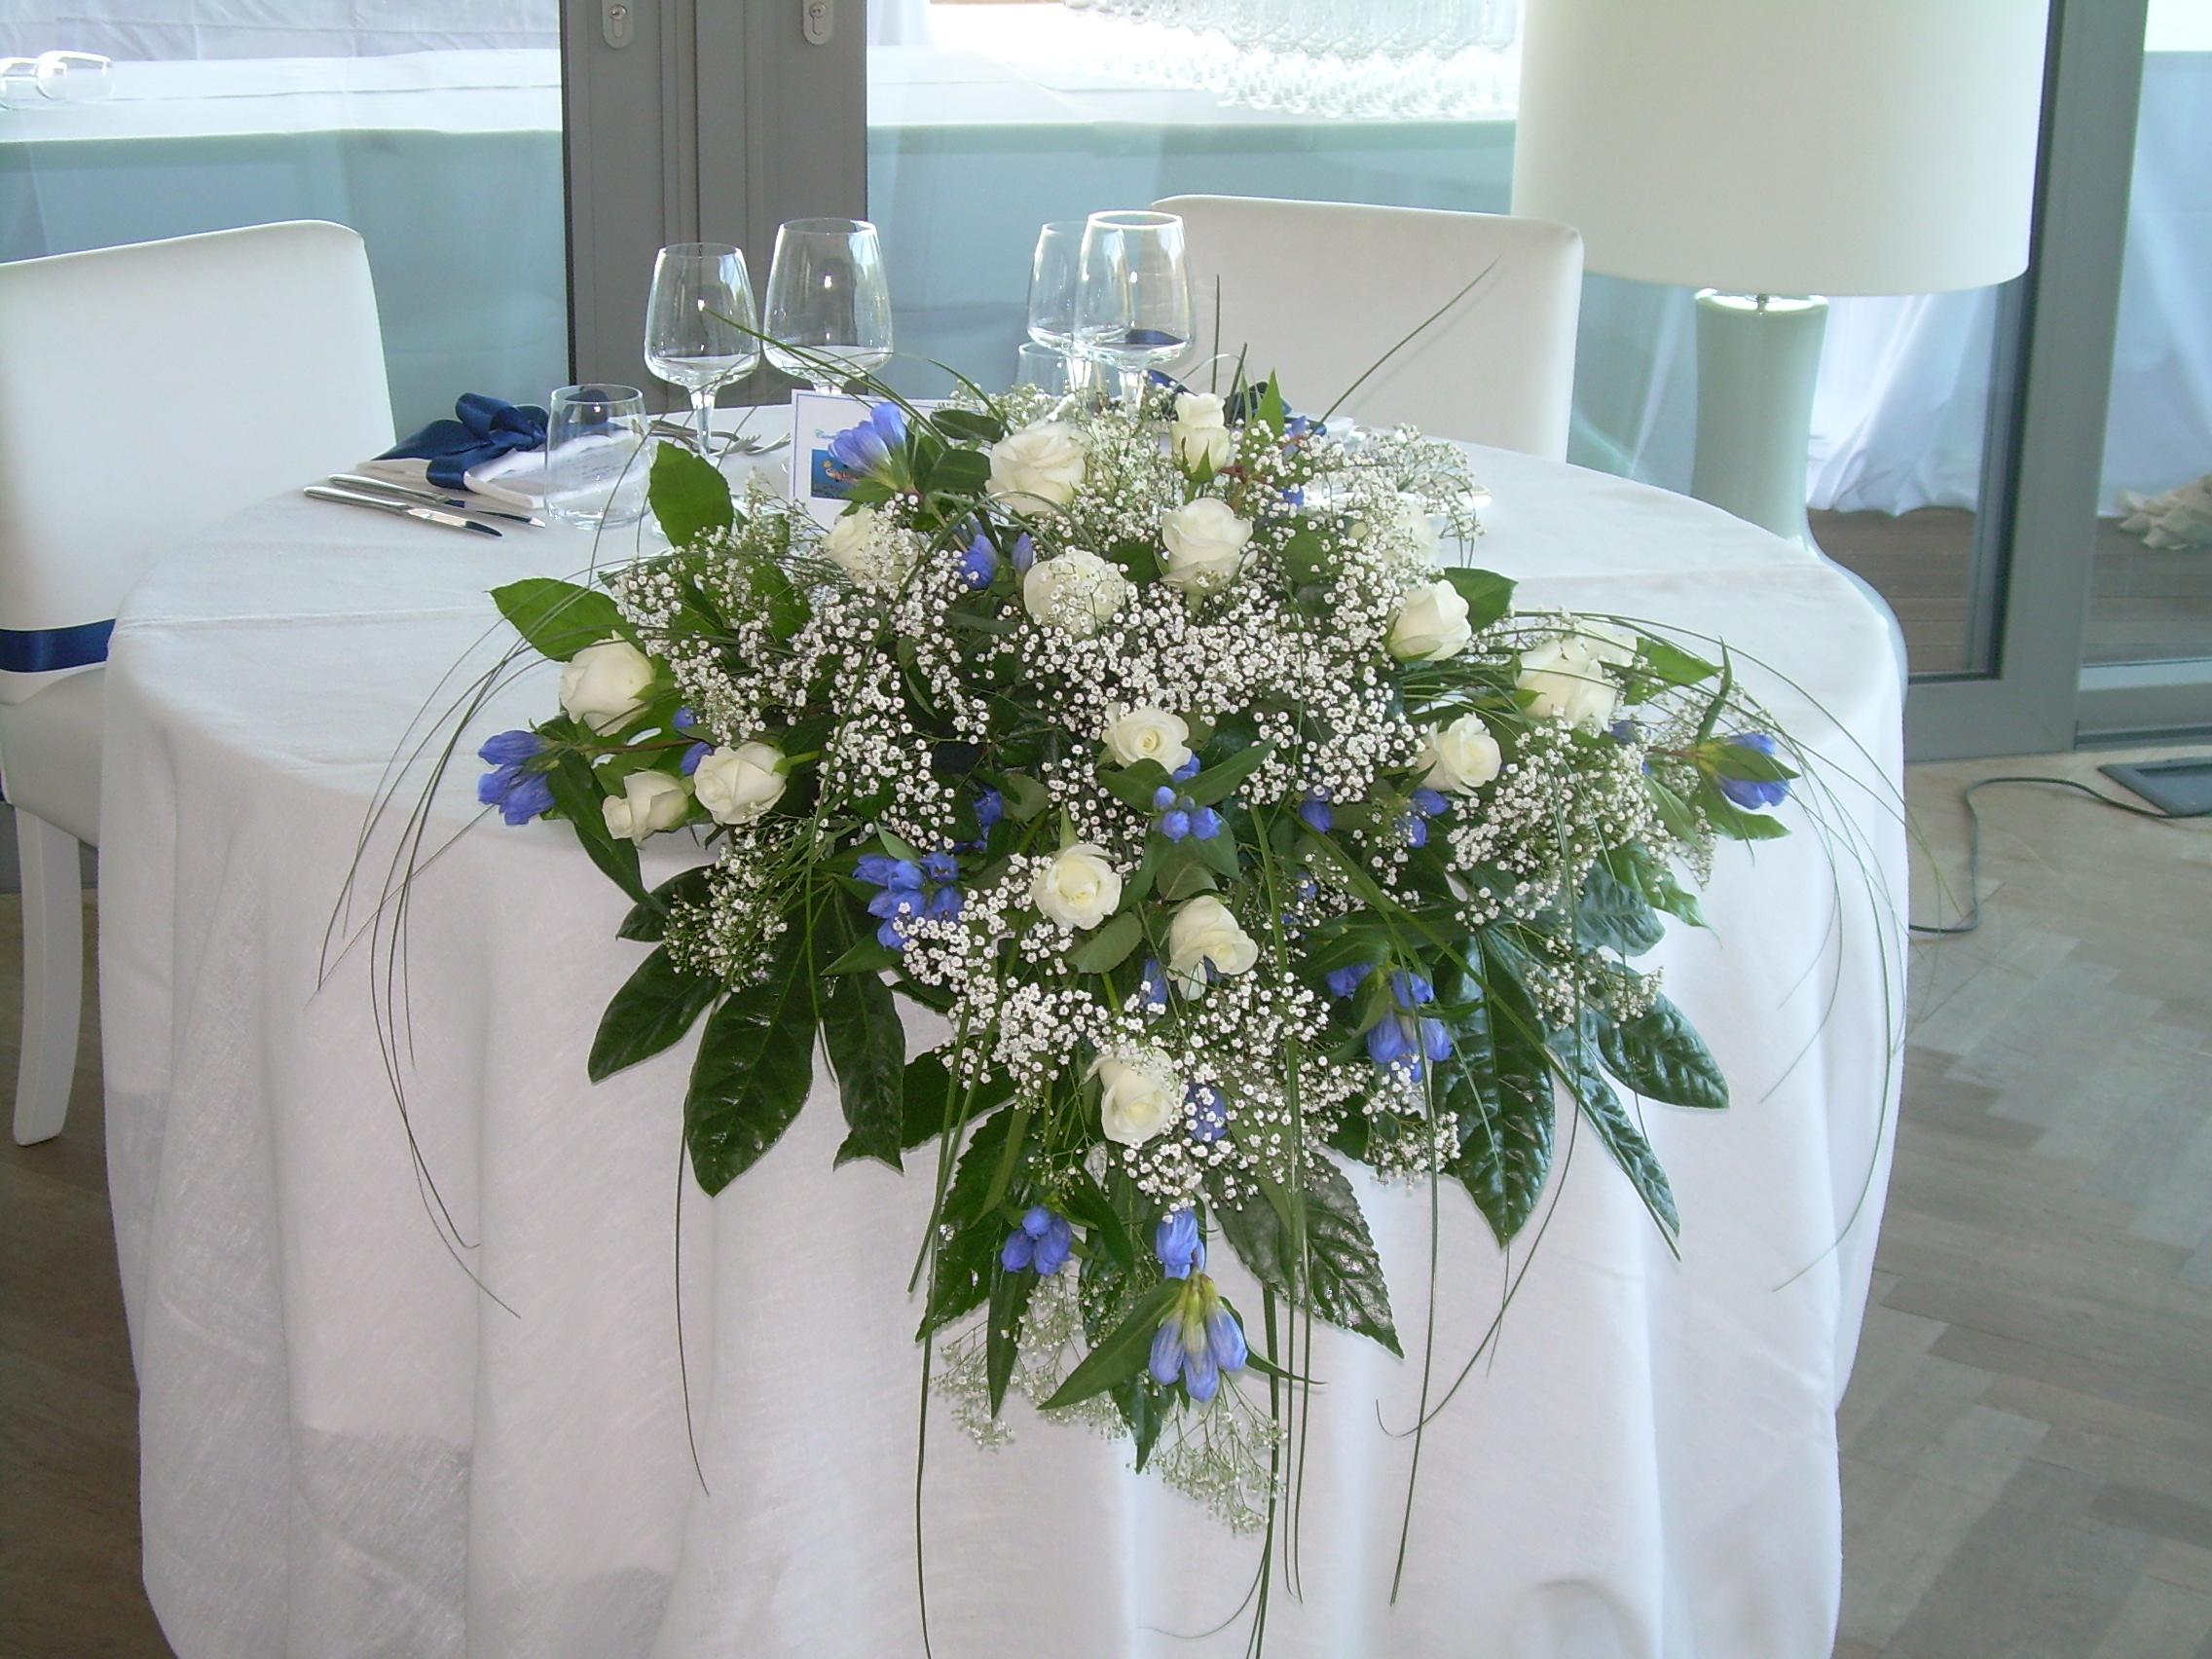 Elisabetta fiori e piante centrotavola cadente con gentiana rose e gipsophila - Interflora contatti ...